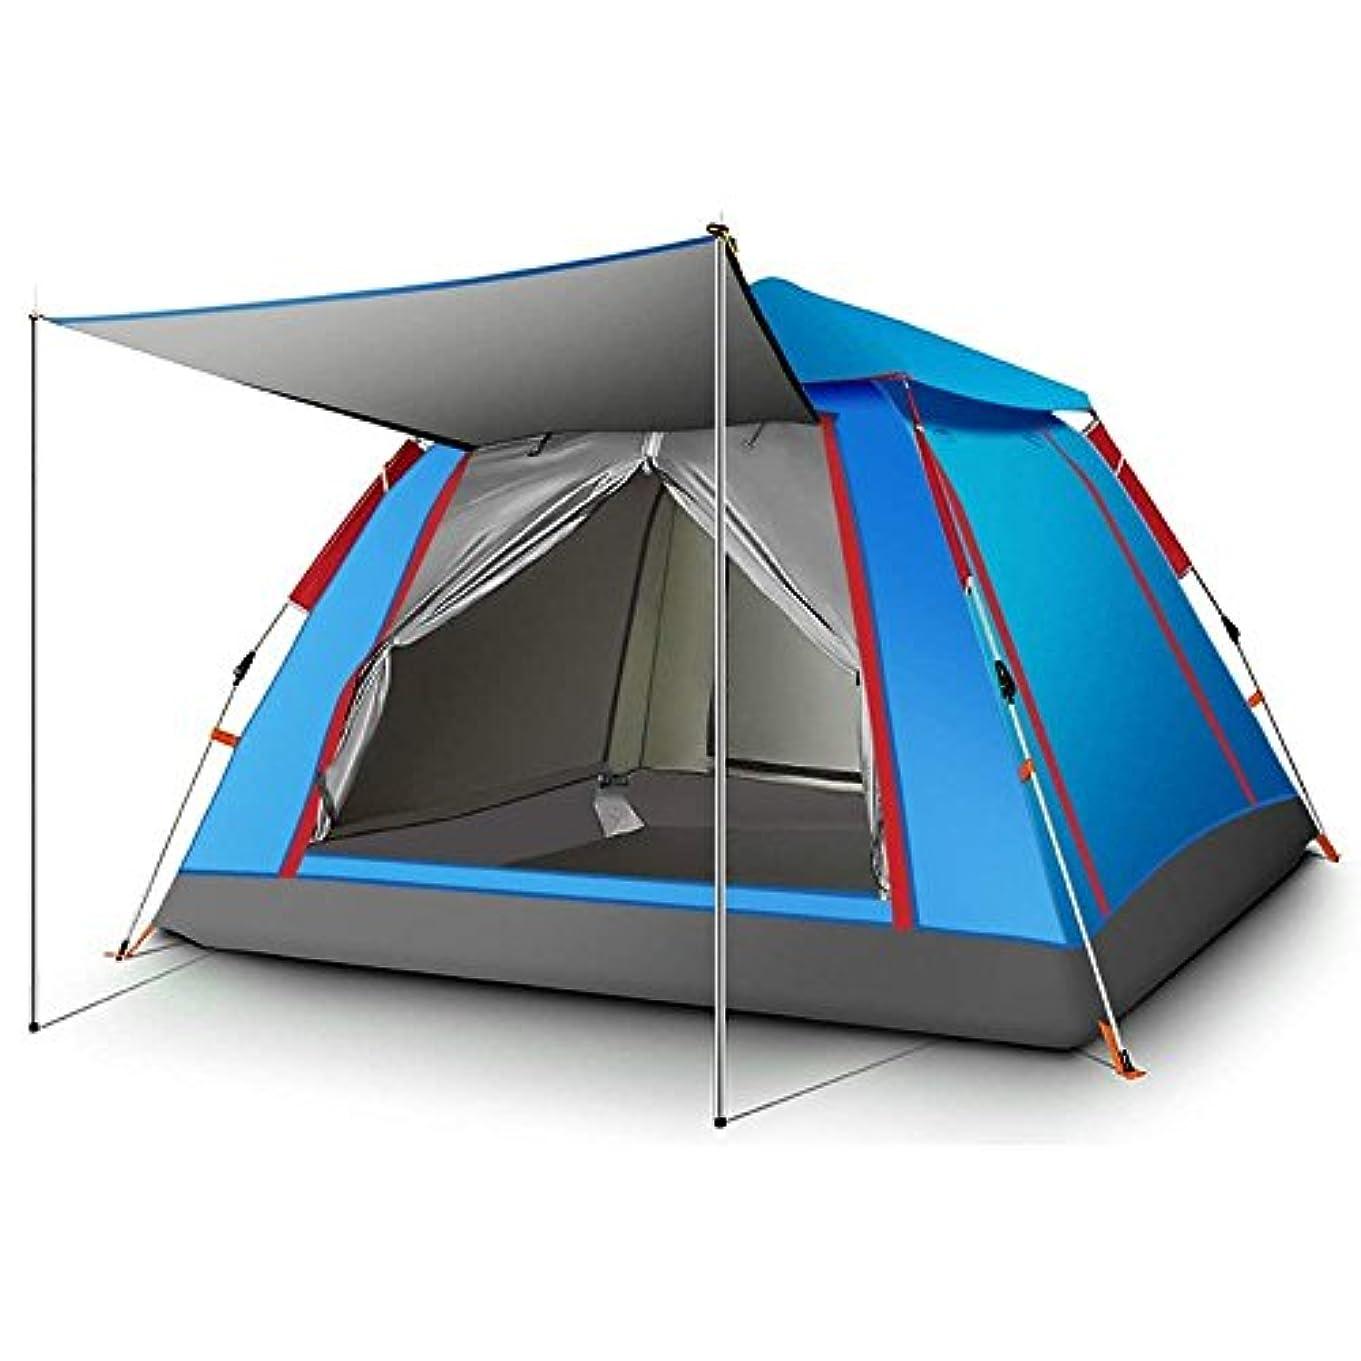 所得専門知識爪5W ワンタッチテント 4~5人用 ファミリーテント 紐を引くだけの15秒設営 通気性 設営簡単 軽量 防水 UV カット登山用 耐水圧 3000mm キャンプ用品 アウトドア 4シーズンに